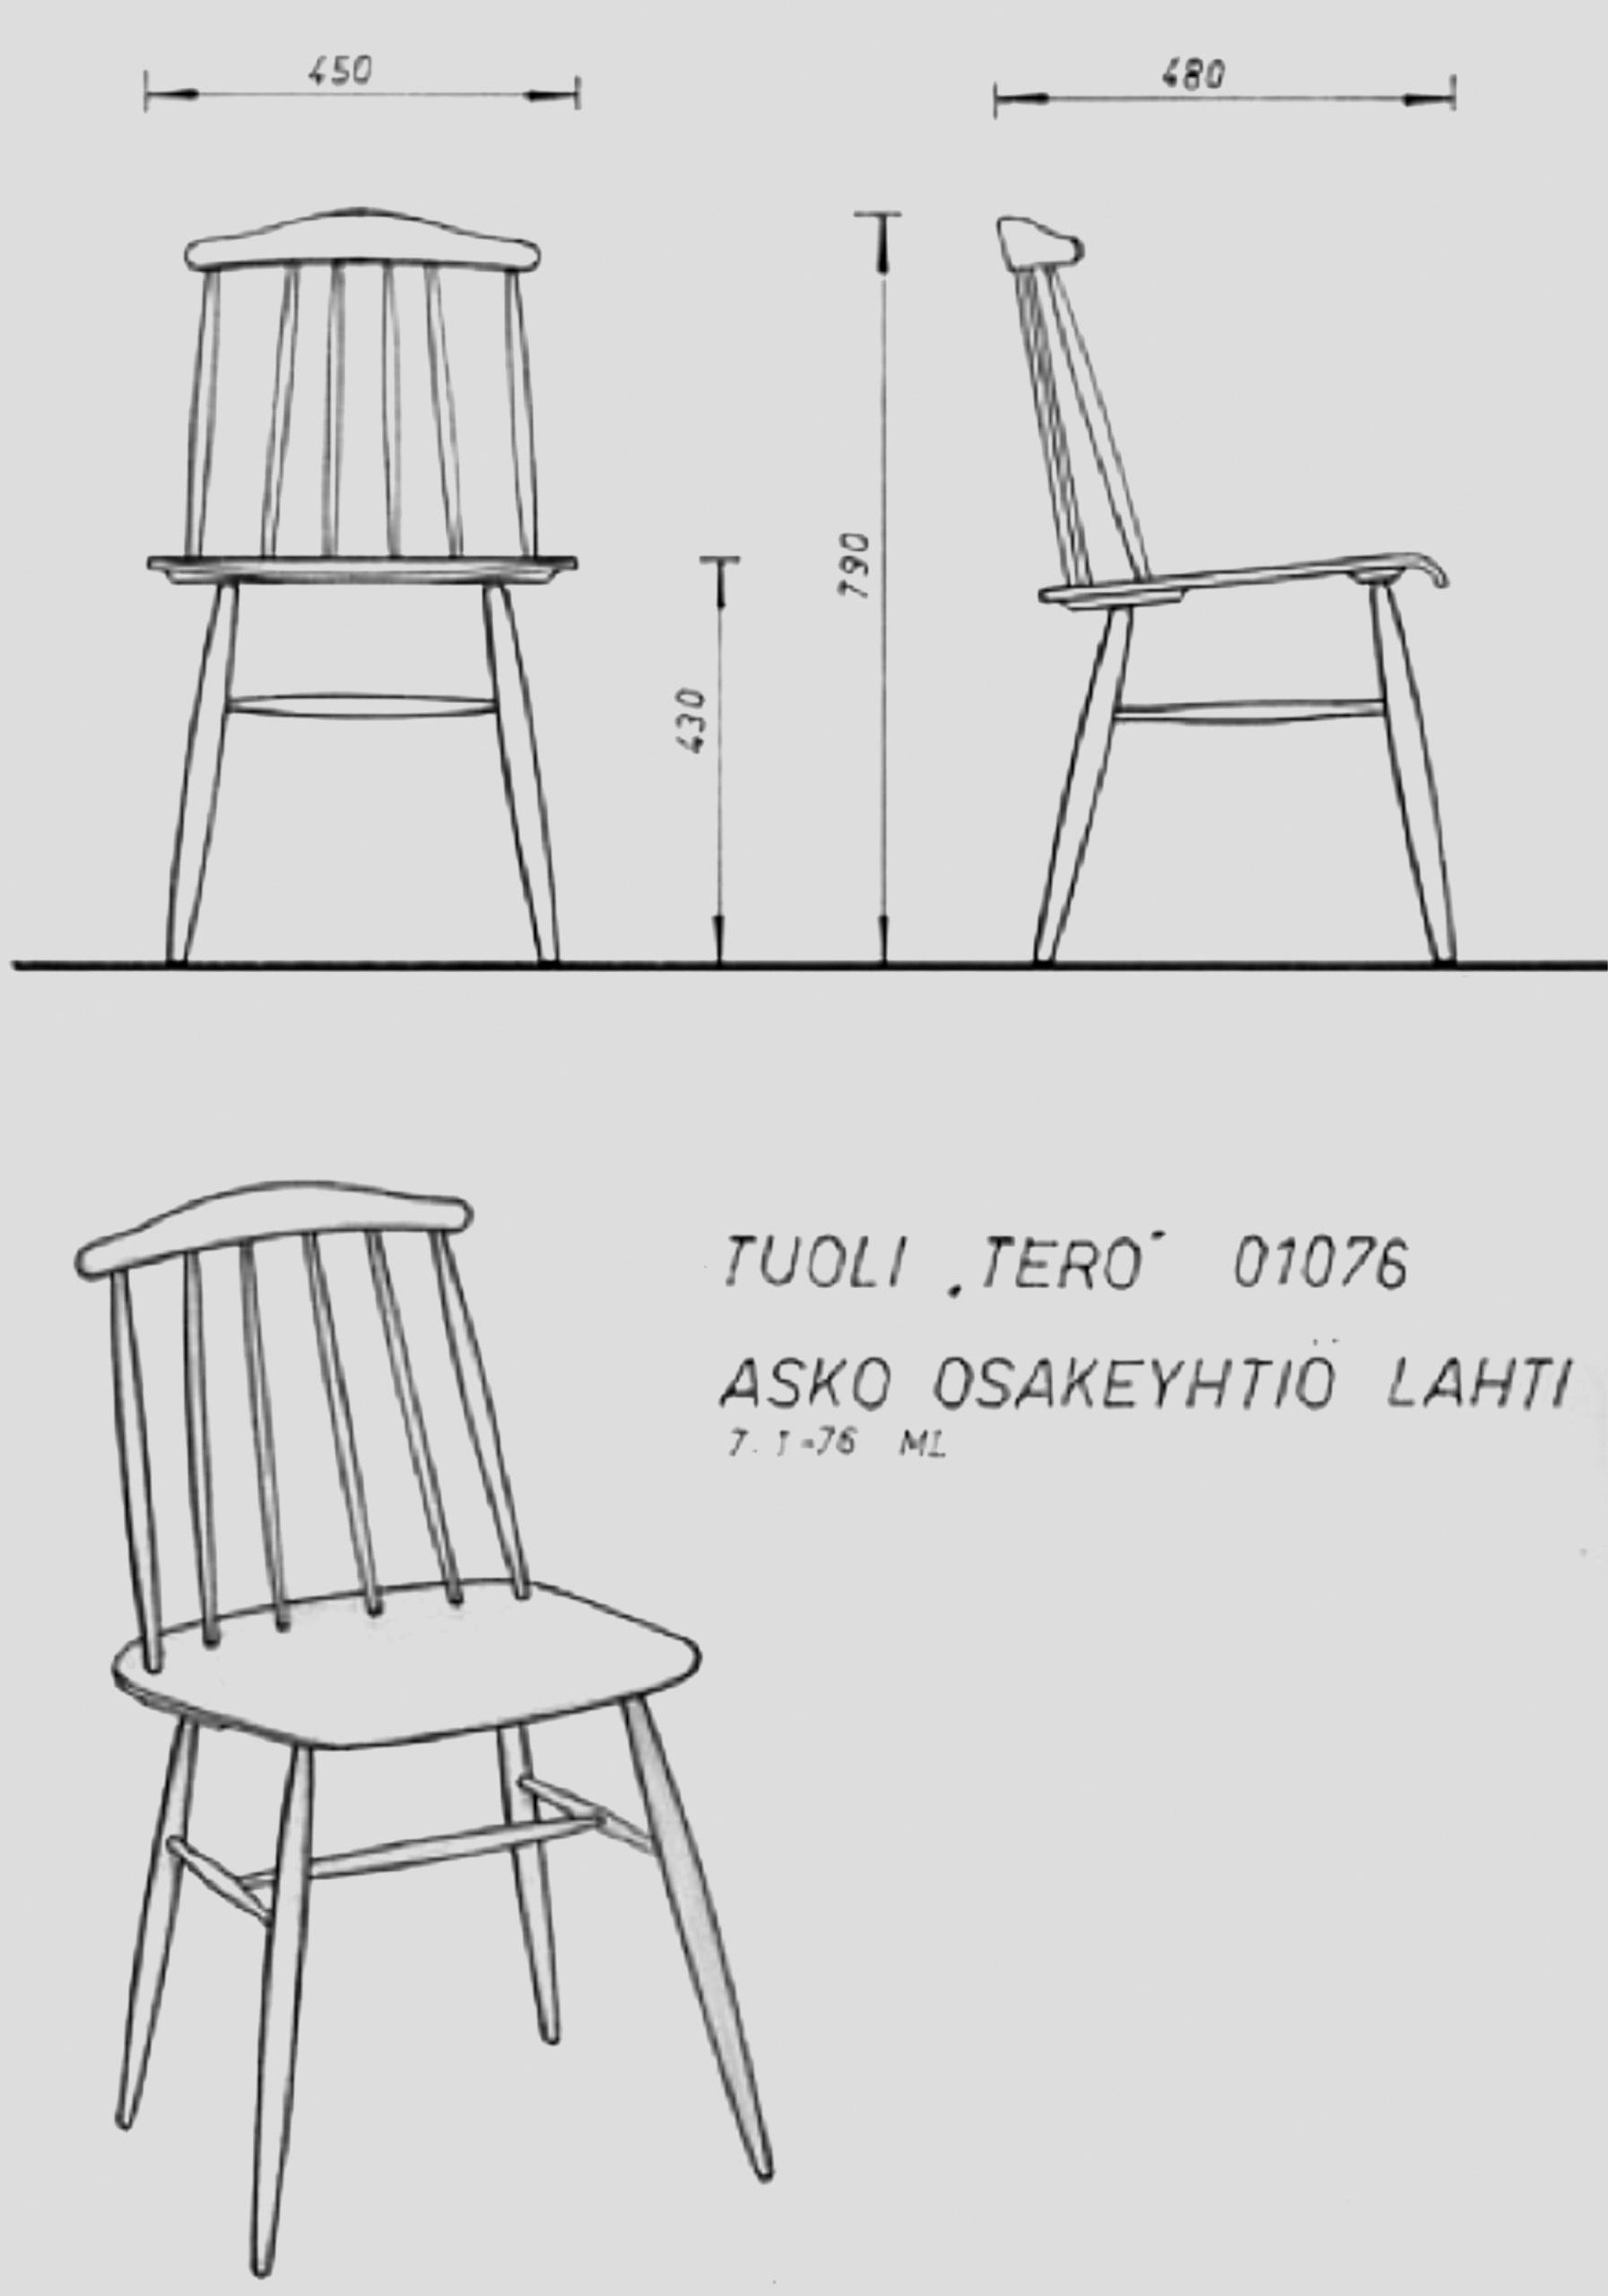 Tuoli Tero.